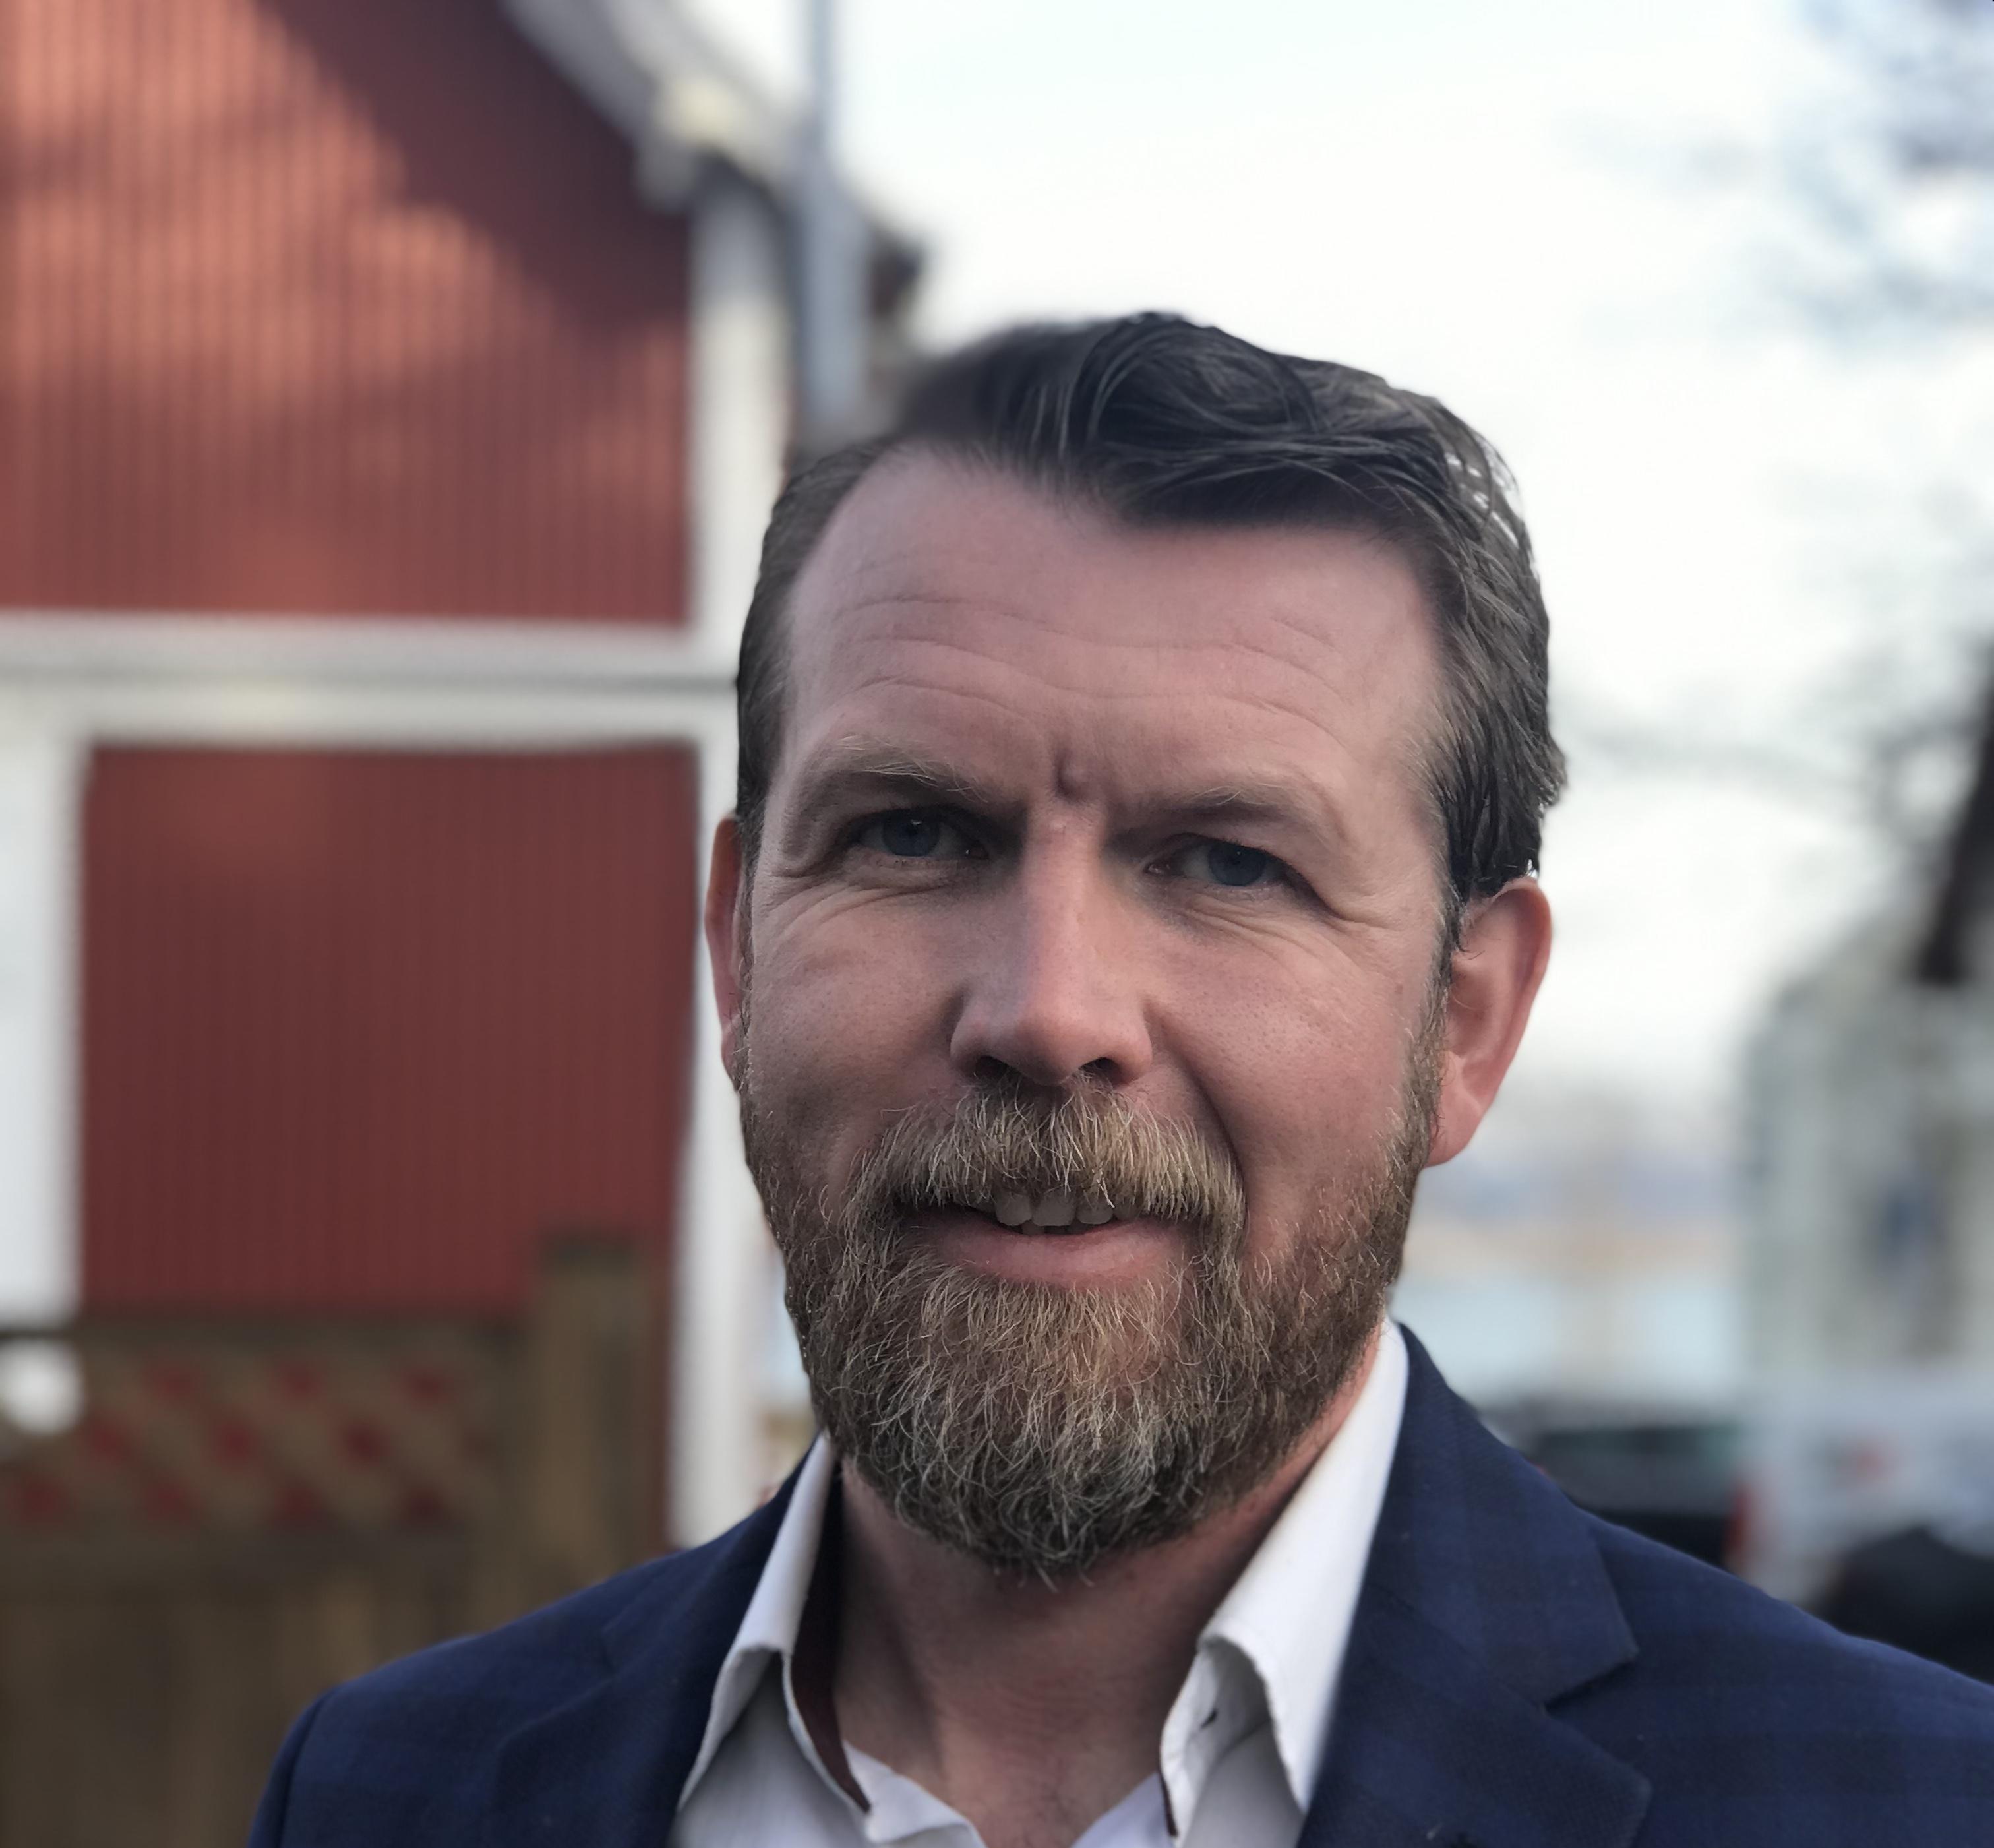 Fra 1. april bliver Hjörtur Smarason administrerende direktør for Visit Greenland. Han har blandt andet speciale i krisehåndtering for destinationer fra Arktis til Asien og Afrika. PR-foto via Visit Greenland.